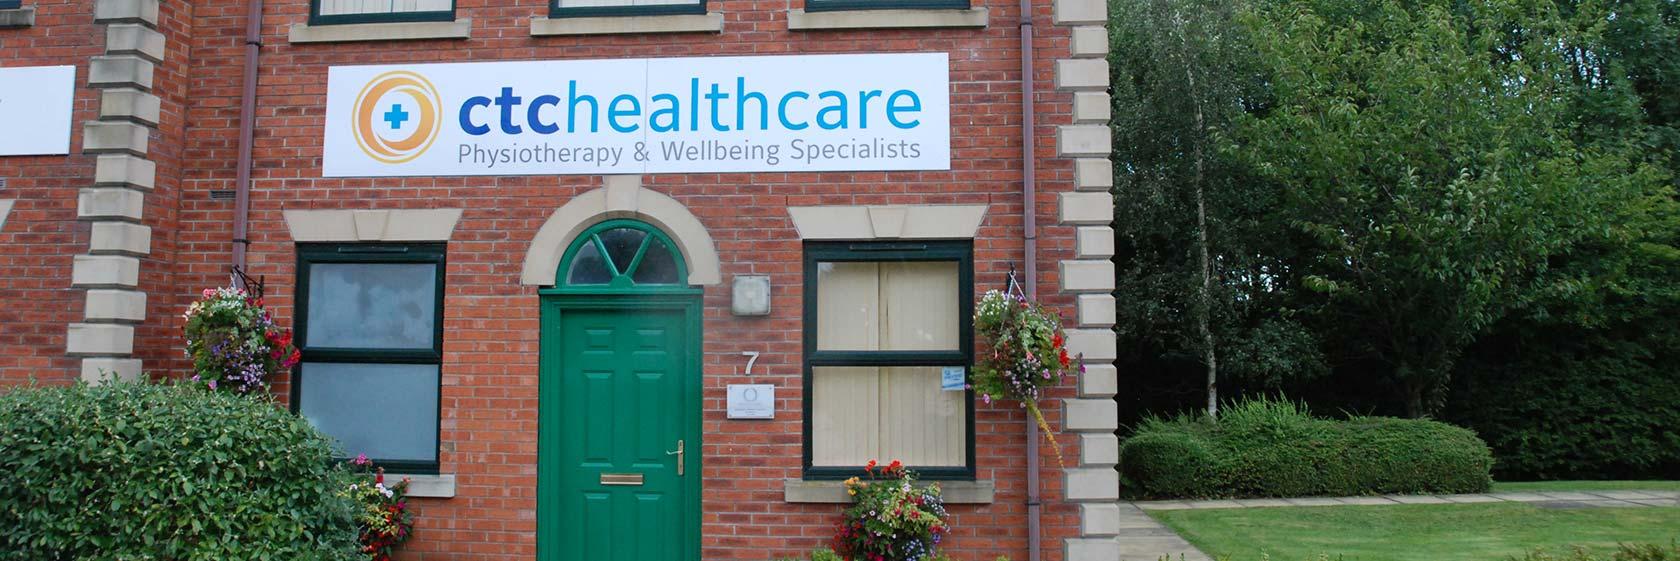 Crewe Ctchealthcare